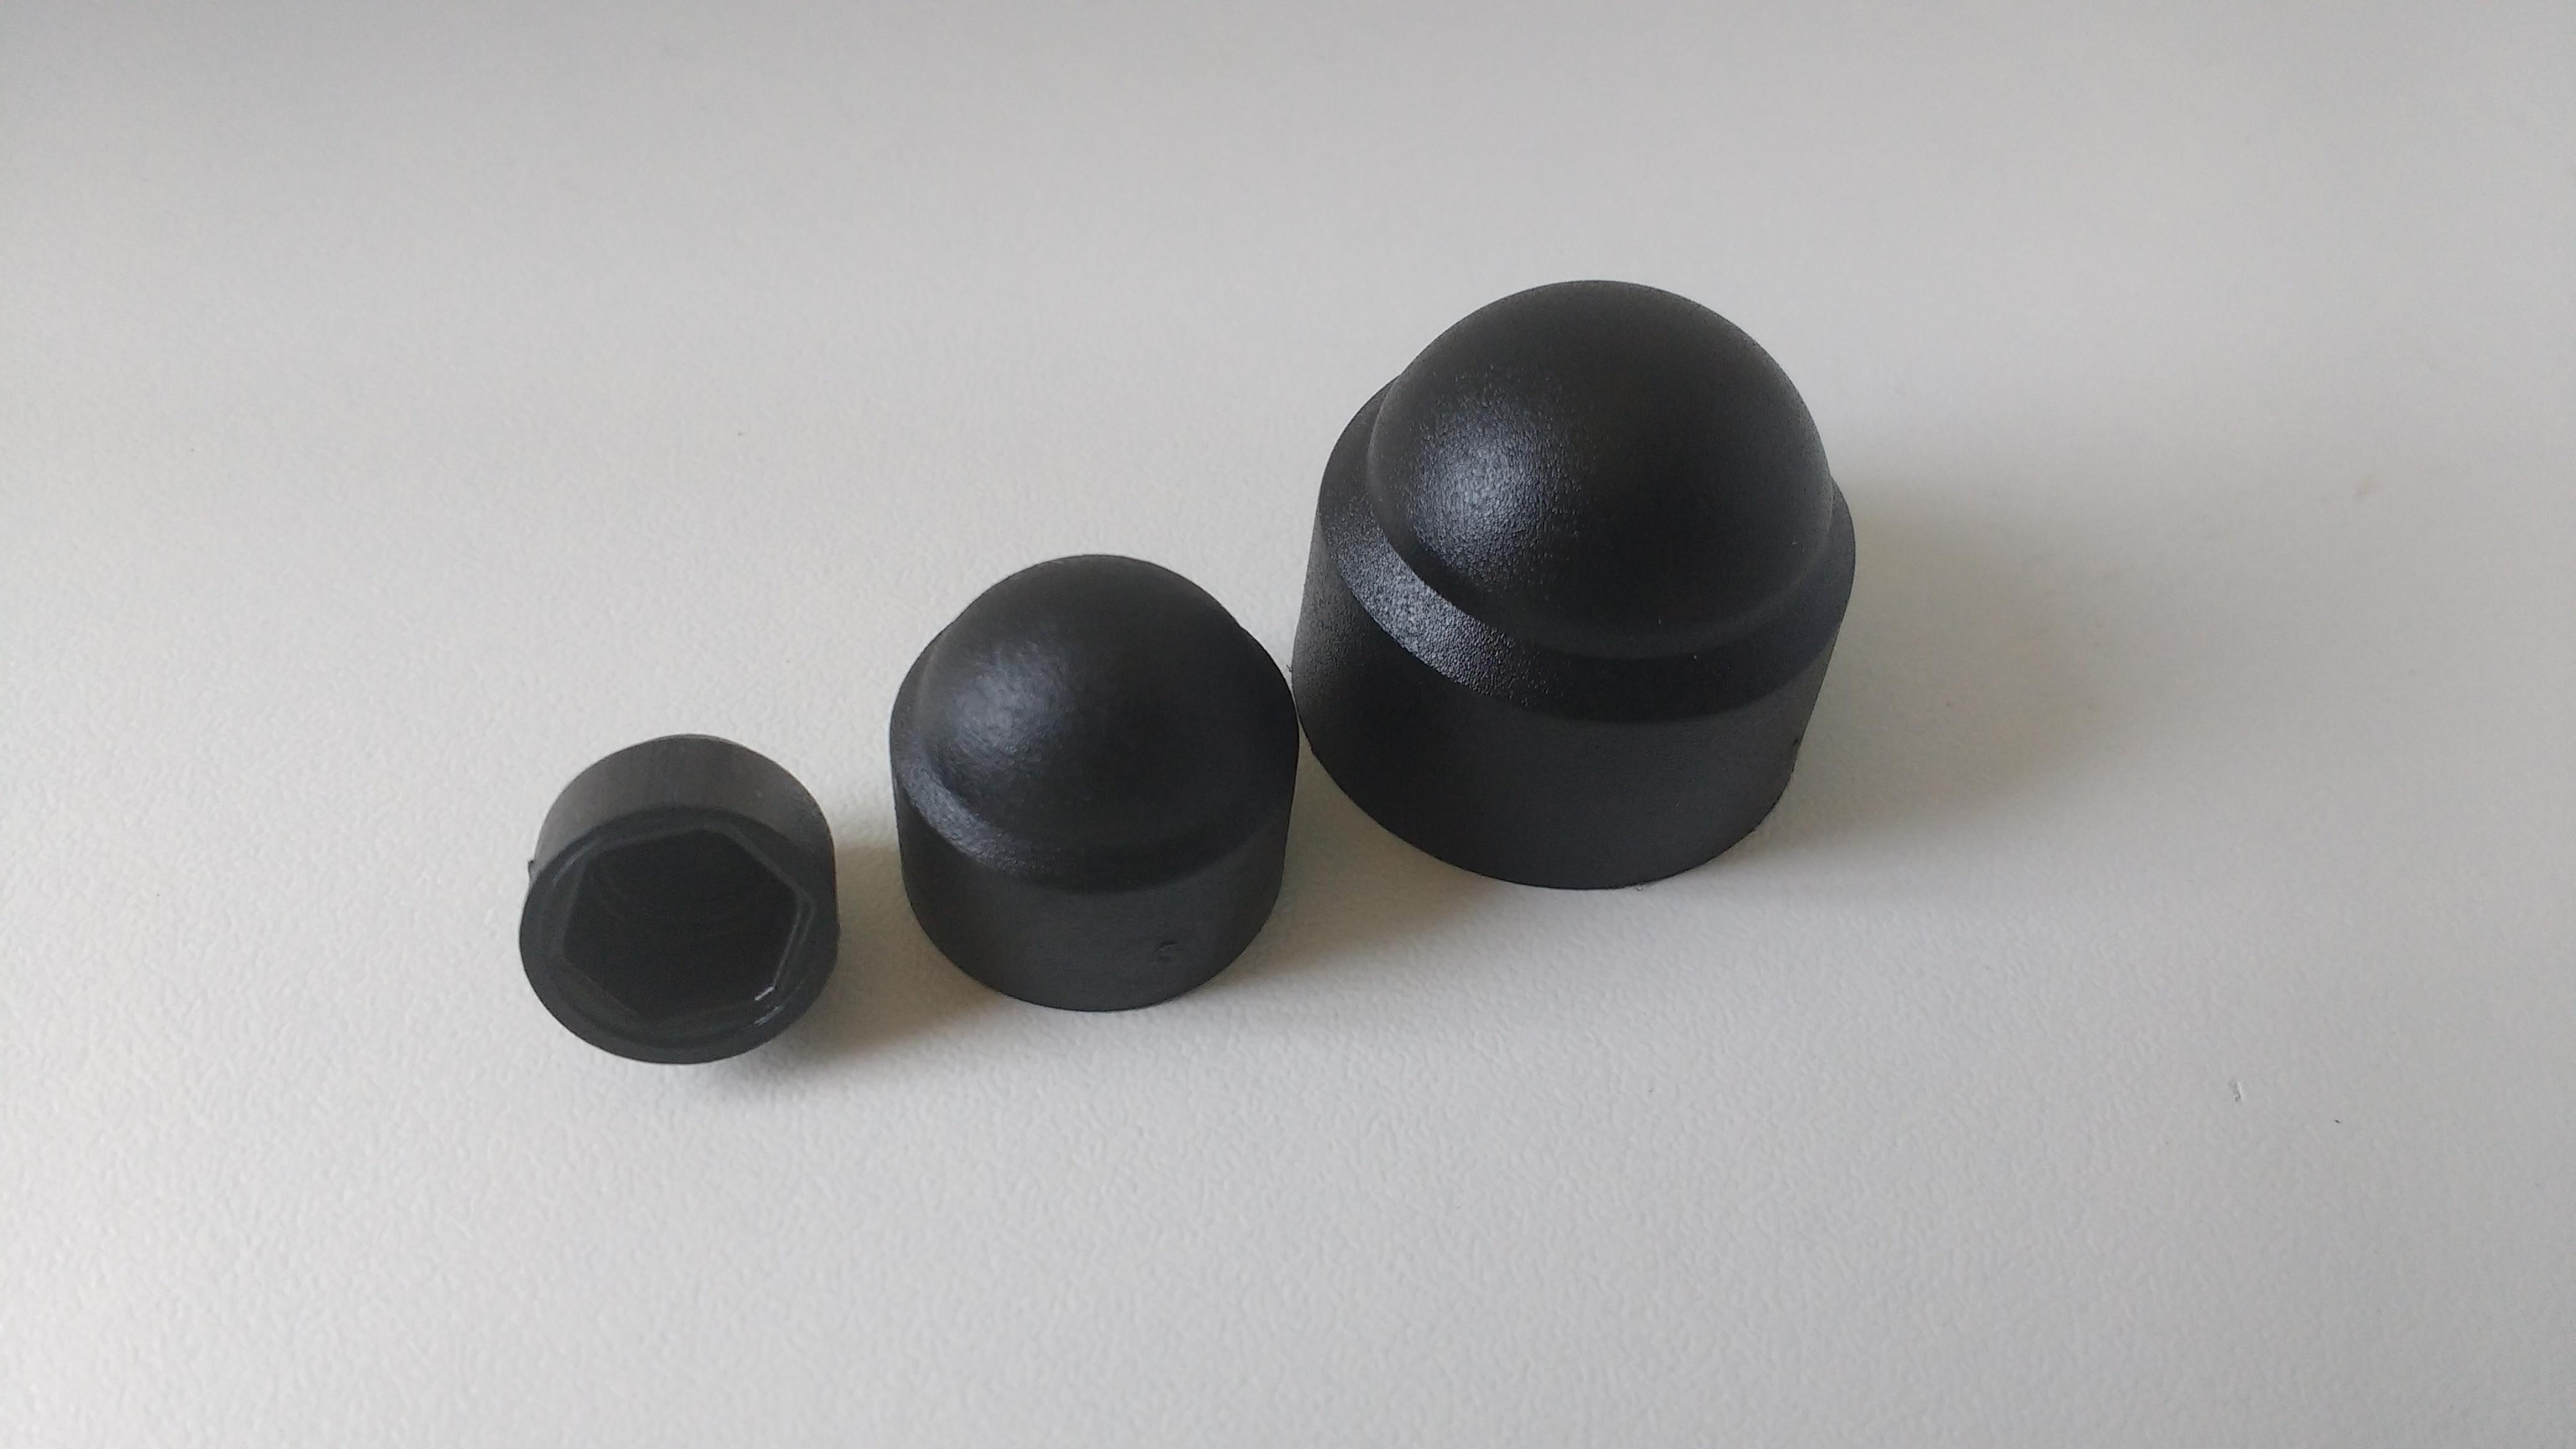 100 Stück Sechskant Schutzkappe Schlüsselweite 16 mm, Farbe schwarz - Abdeckkappe Sechskantschutzkap